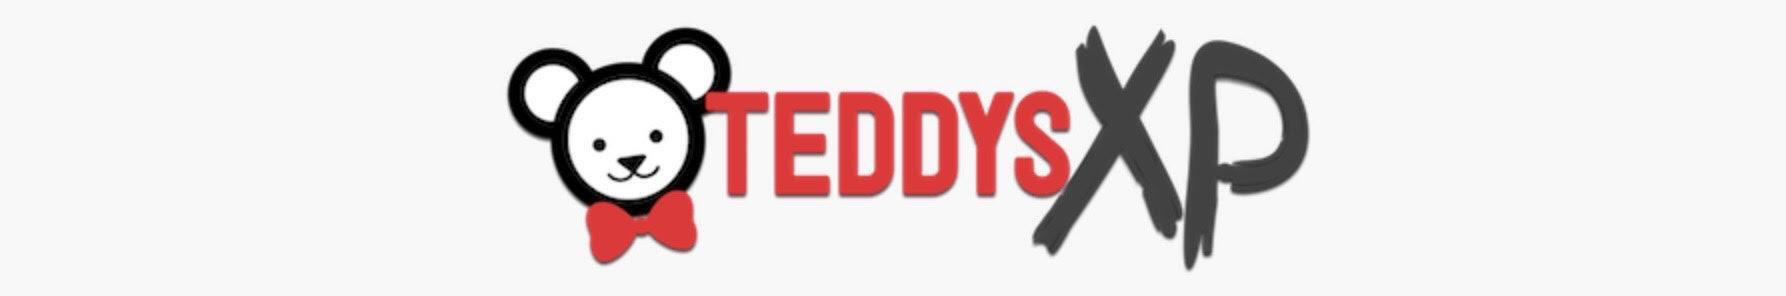 TeddysGirls_10